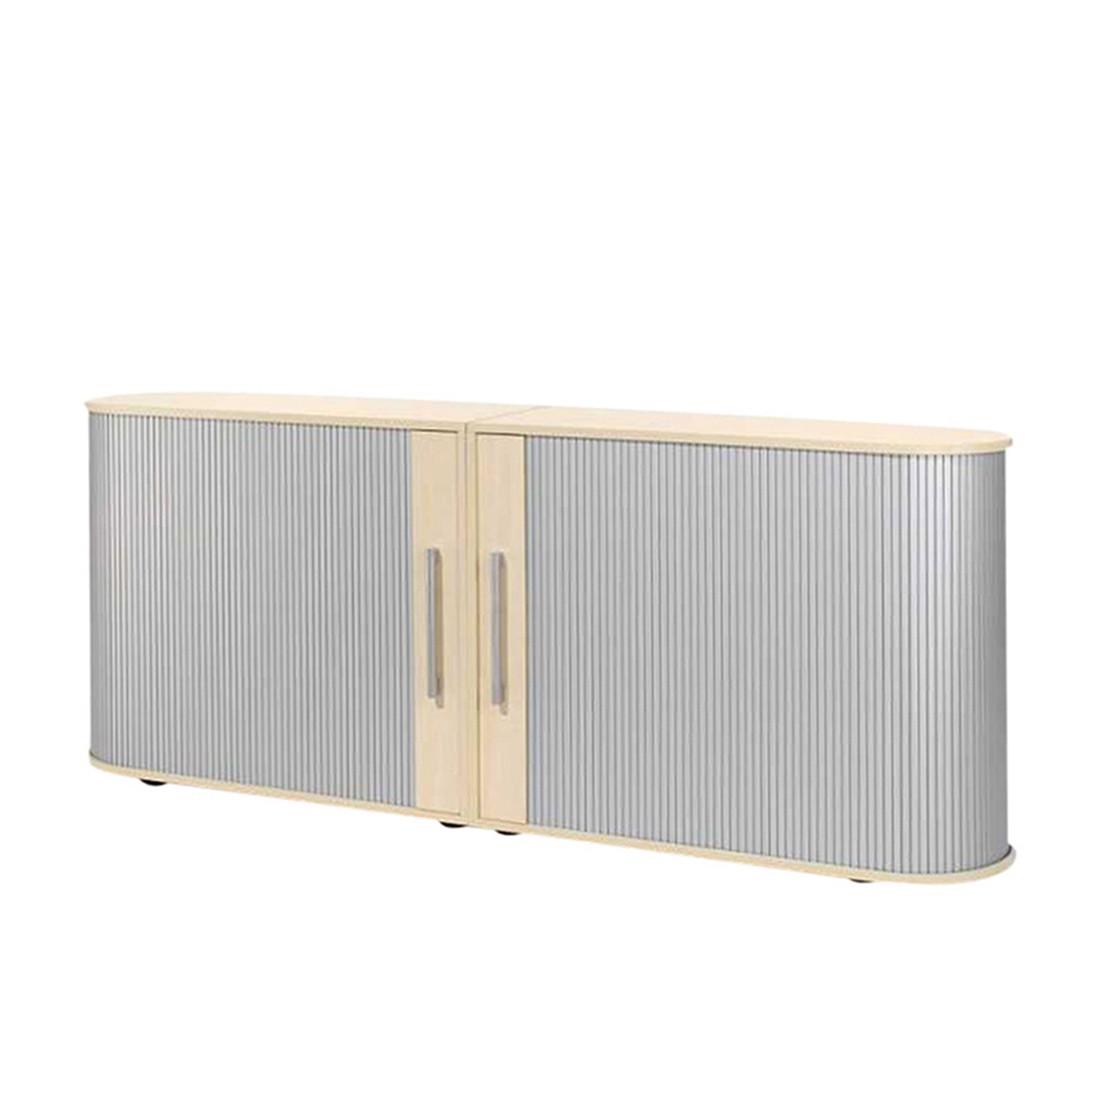 Sideboard Mailand – 2 Ordnerhöhen – Ahorn Dekor, Gera Highspeed Office günstig online kaufen